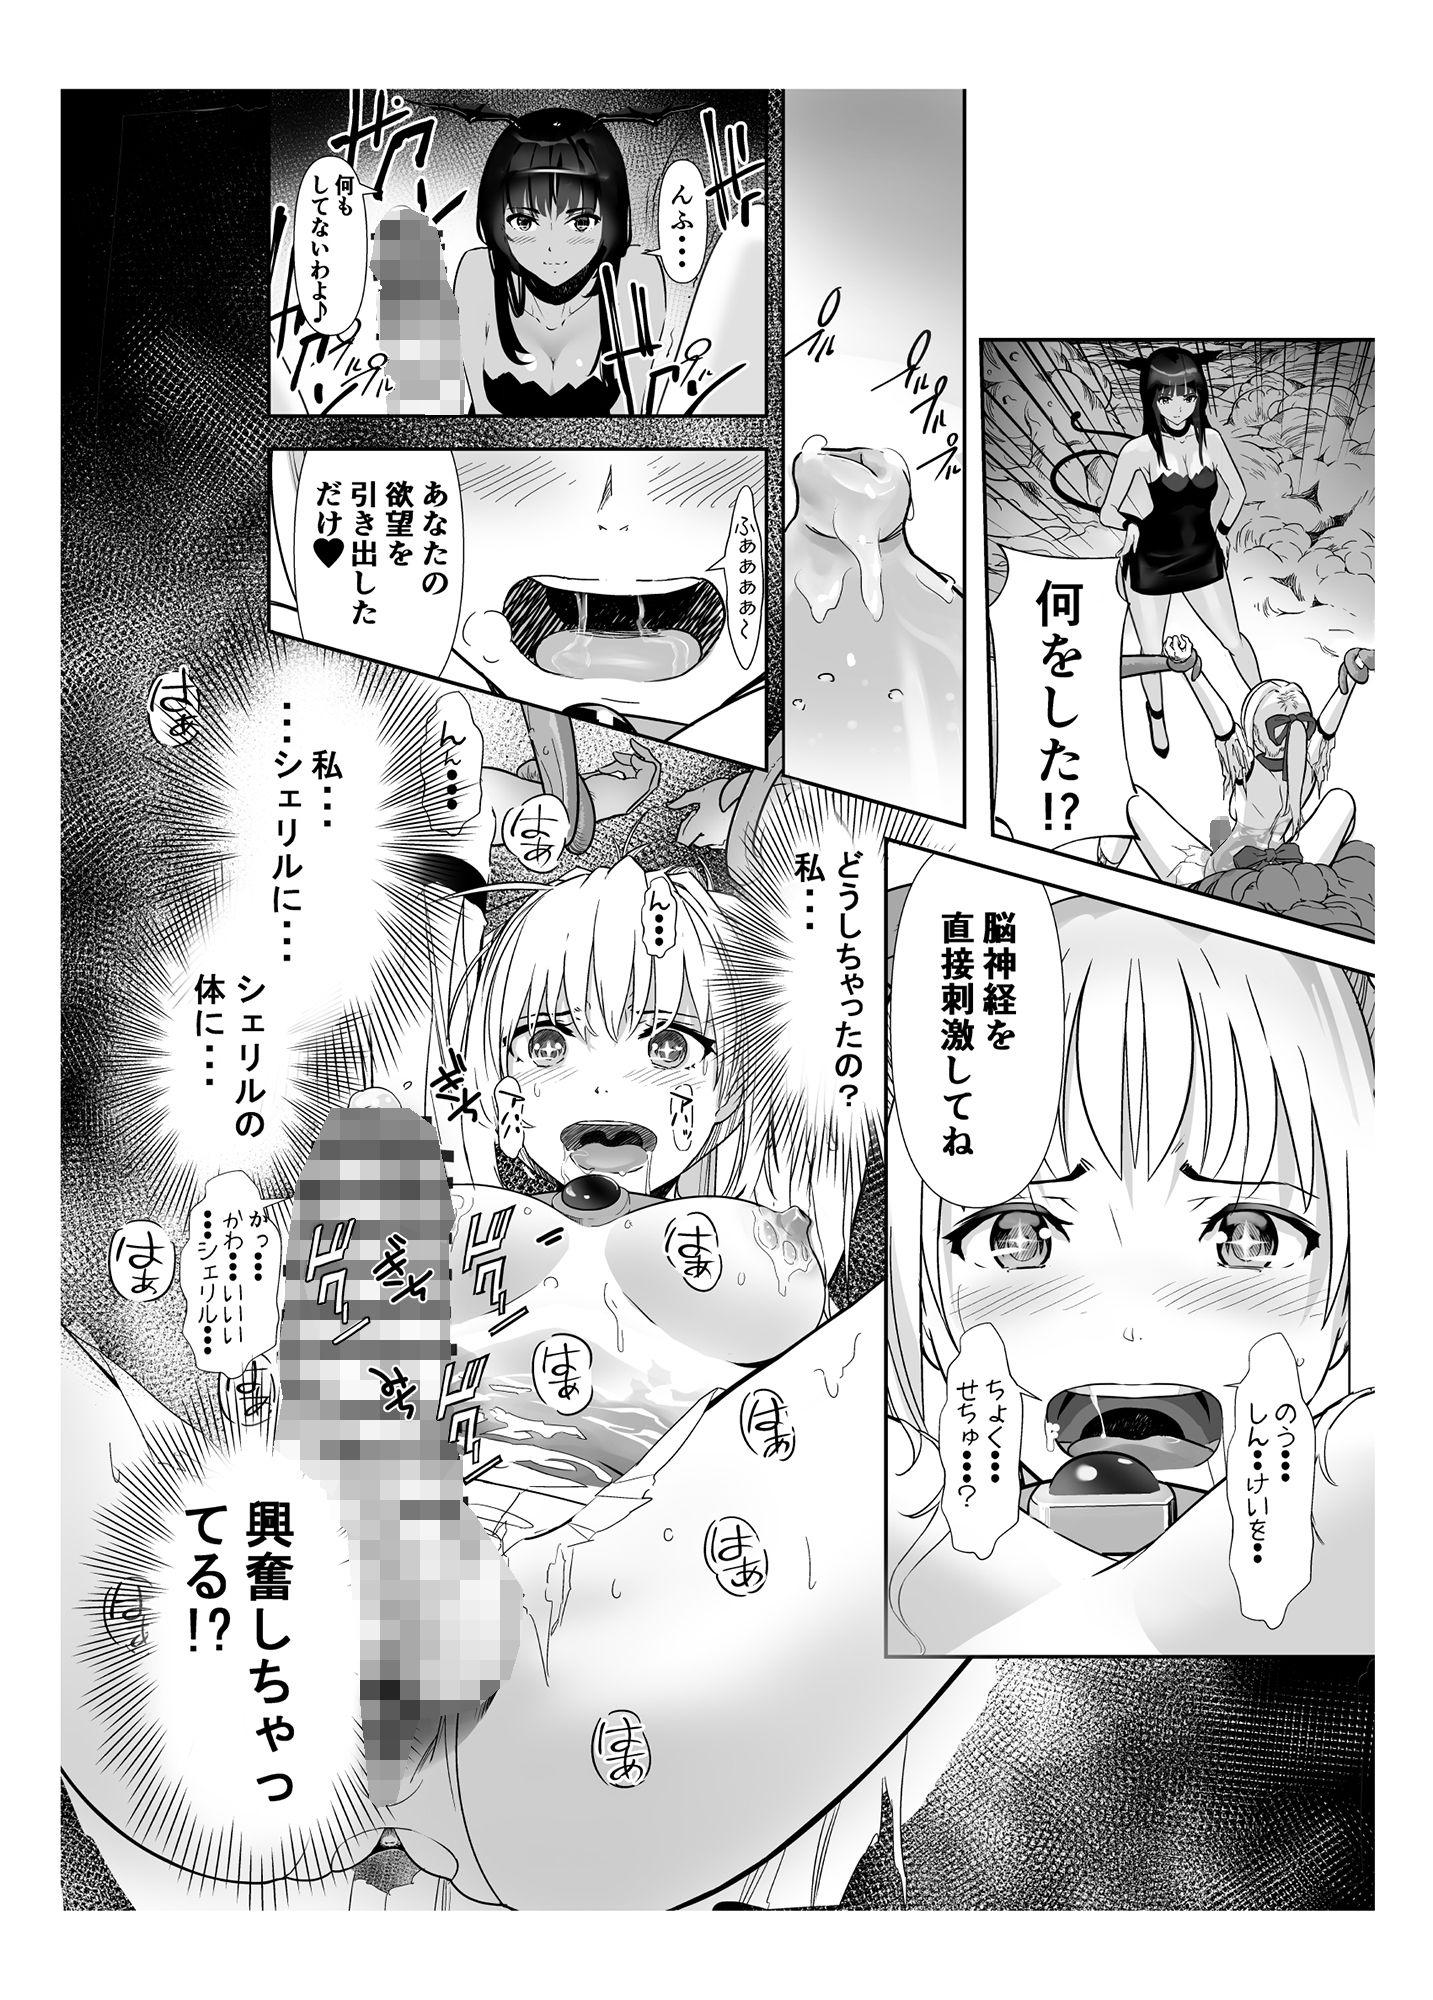 聖軍の民 フリージア2 〜堕落〜